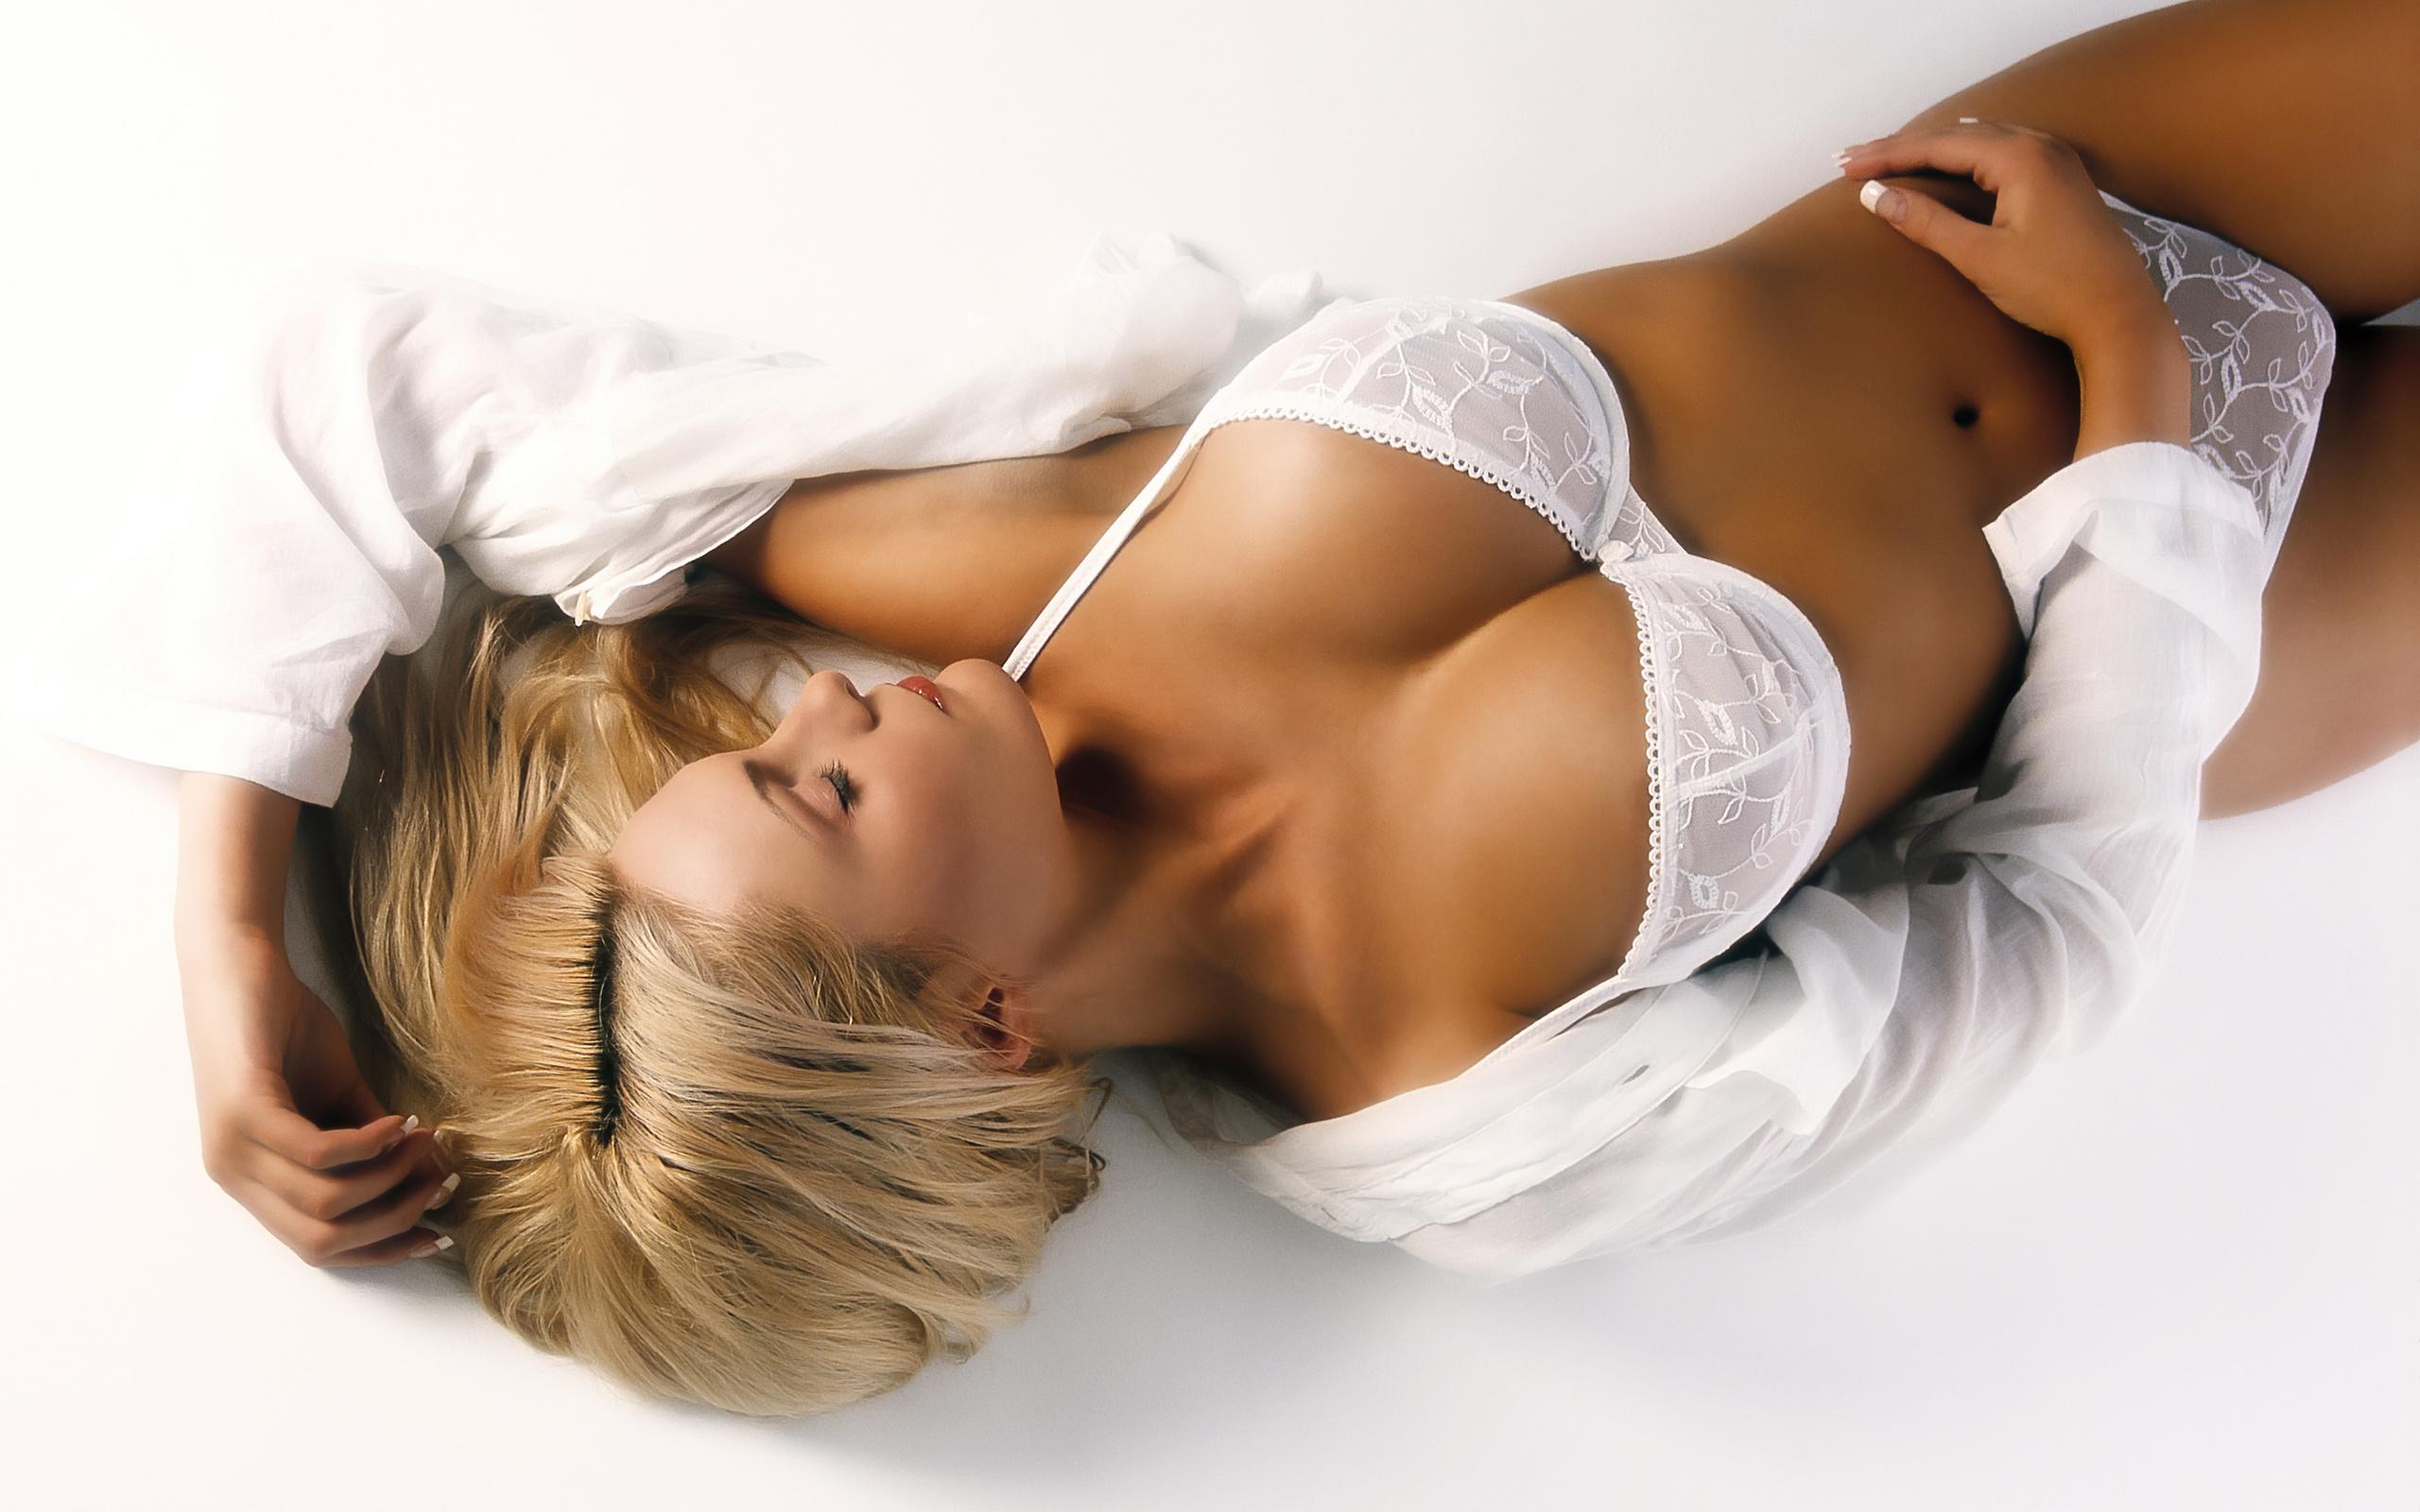 сексуальное девчонки на фото половые губки похожи